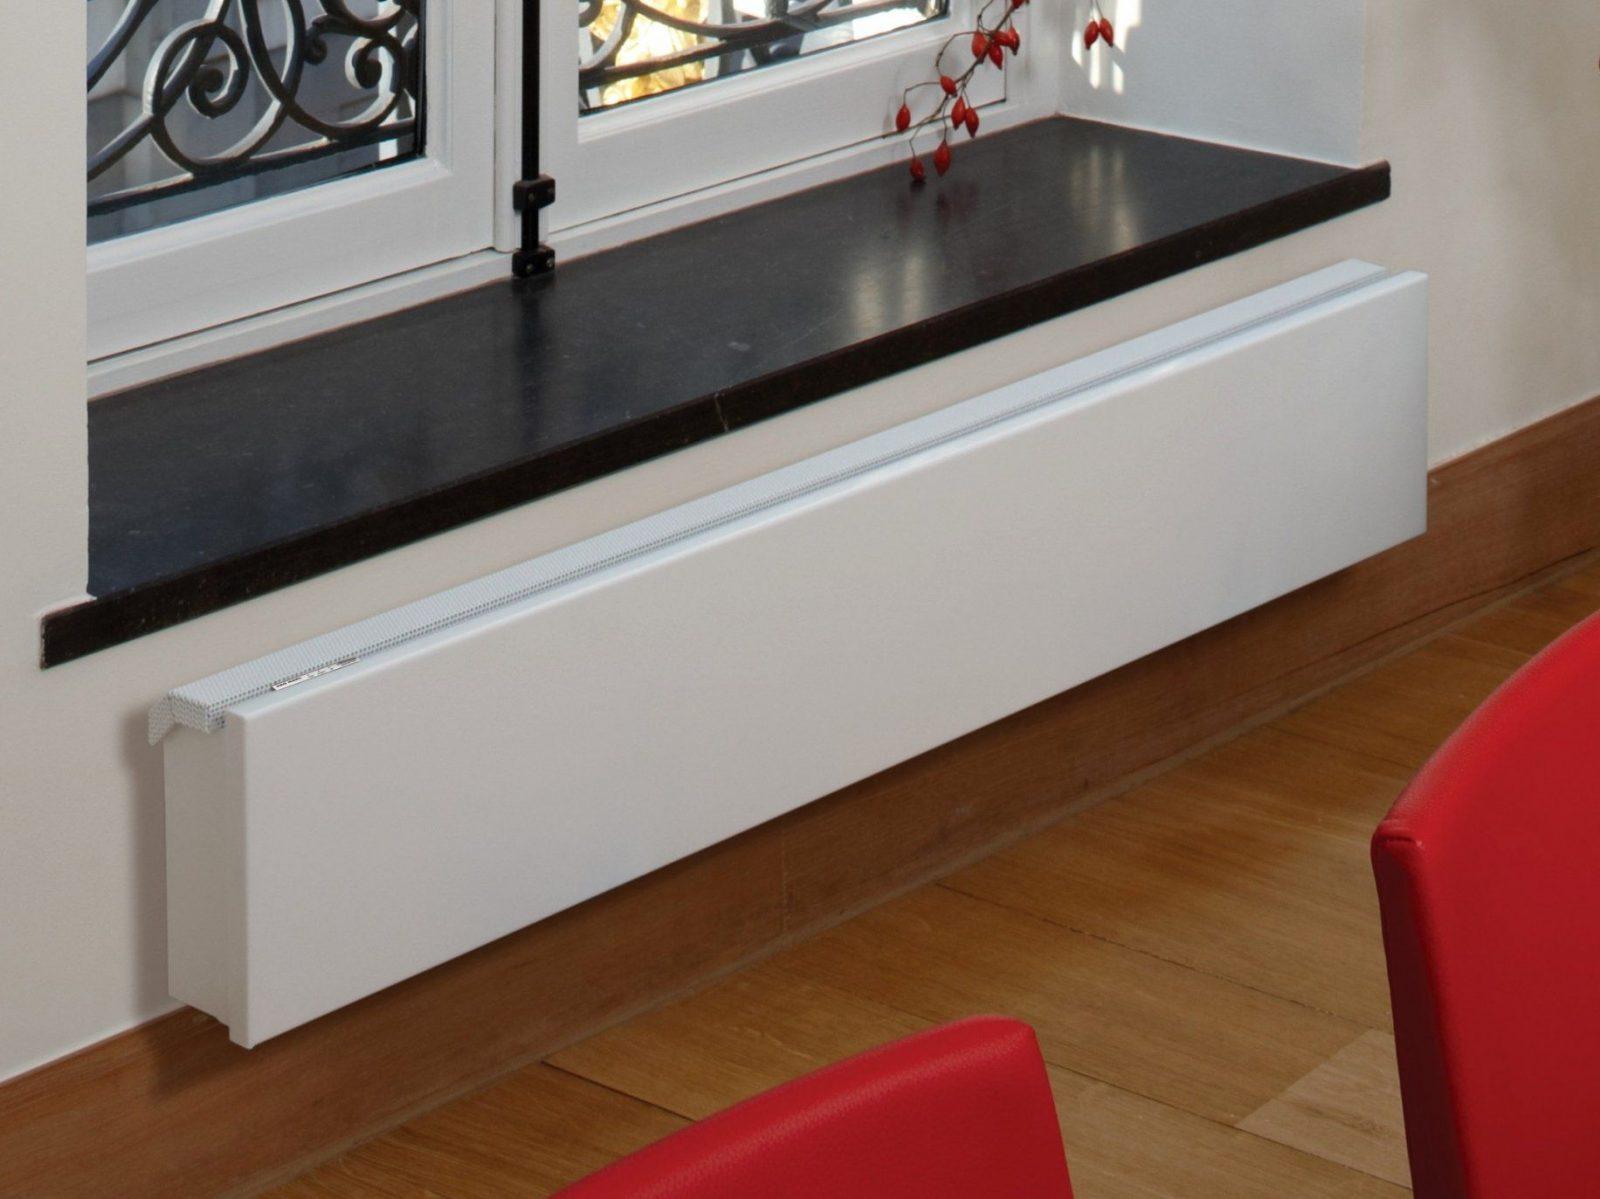 Beste Wobaki Design Zum Design Heizkörper Wohnzimmer  Wohnzimmer Ideen von Schöne Heizkörper Für Wohnzimmer Bild